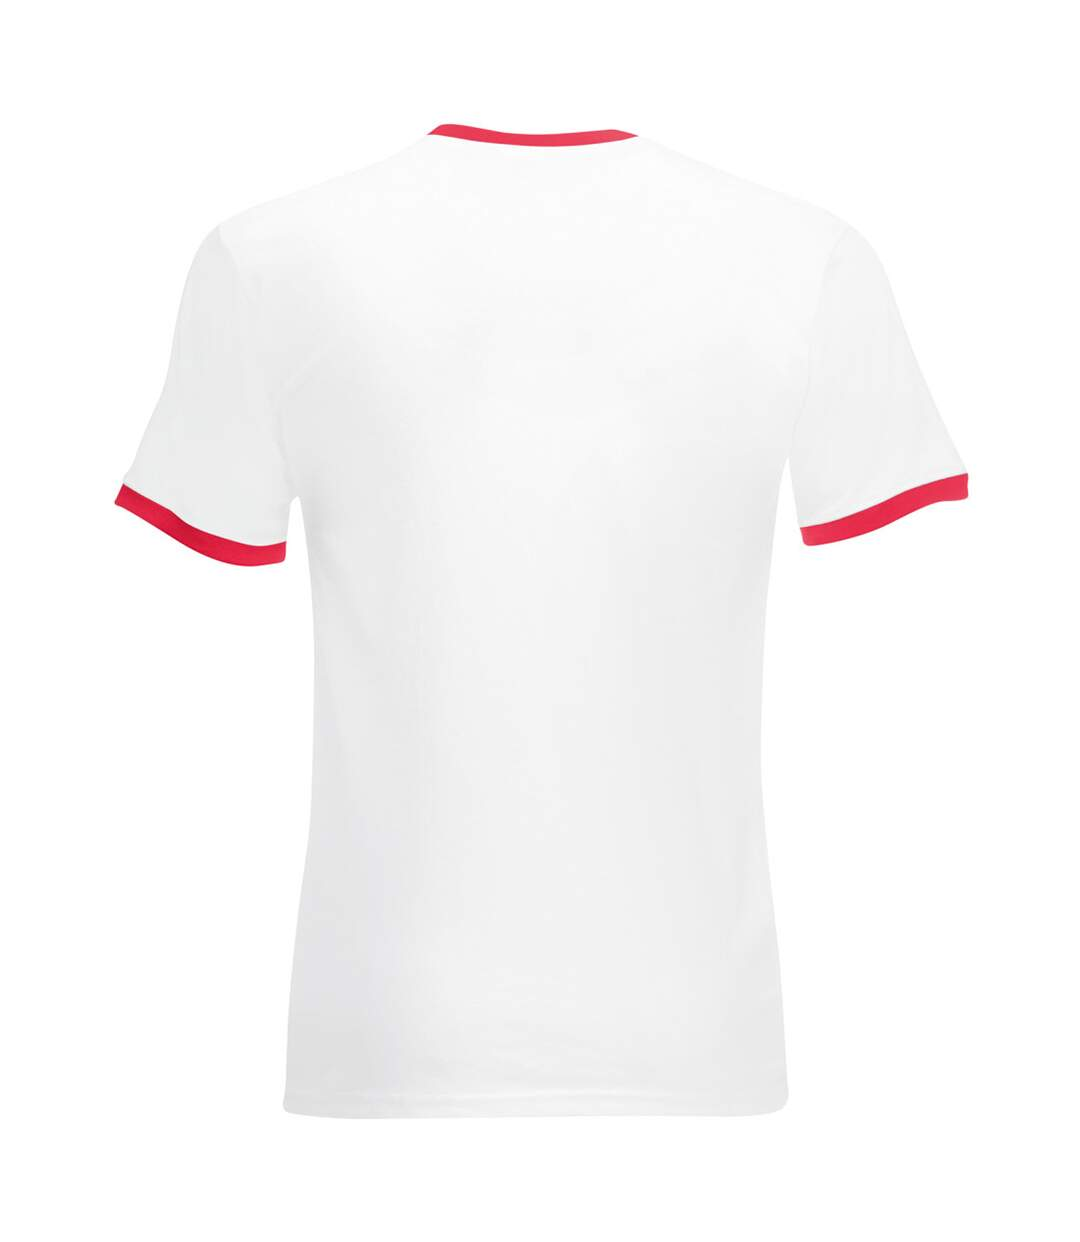 Fruit Of The Loom Mens Ringer Short Sleeve T-Shirt (White/Red) - UTBC342